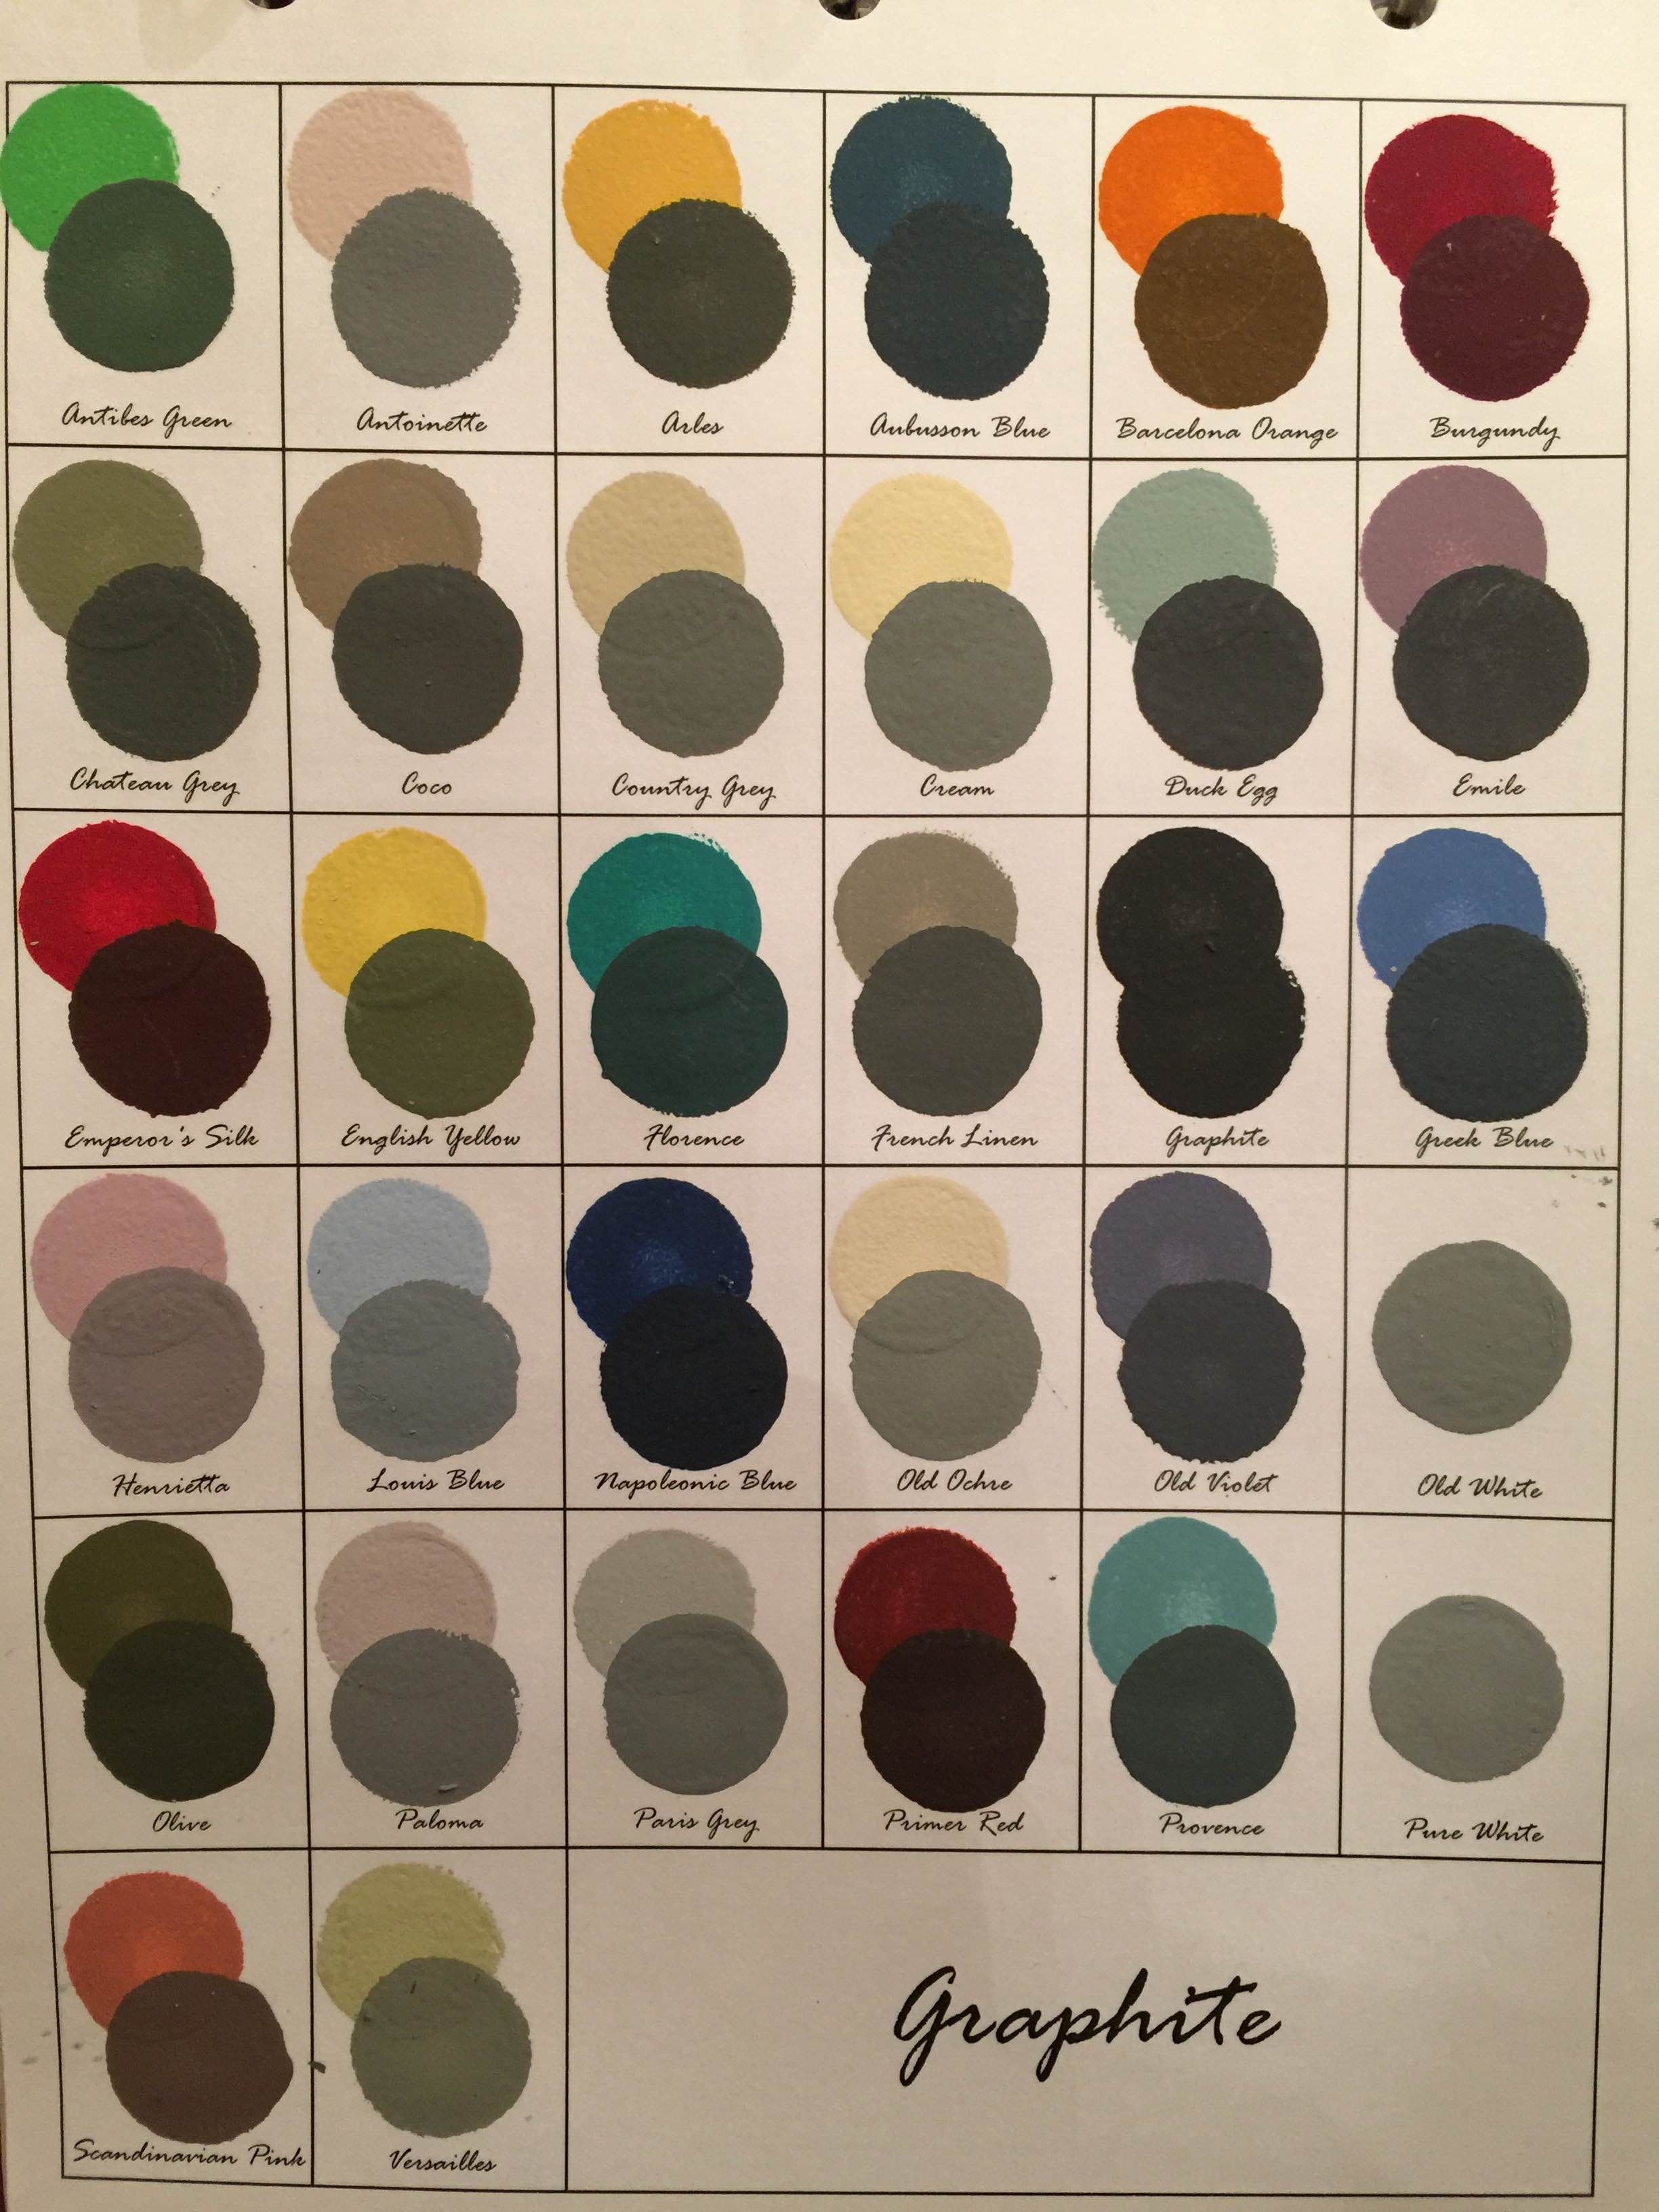 Graphite-Chalk-Paint-Decorative-Paint-By-Annie-Sloan-Custom-Color-Mix.jpg 2,448×3,264 pixels